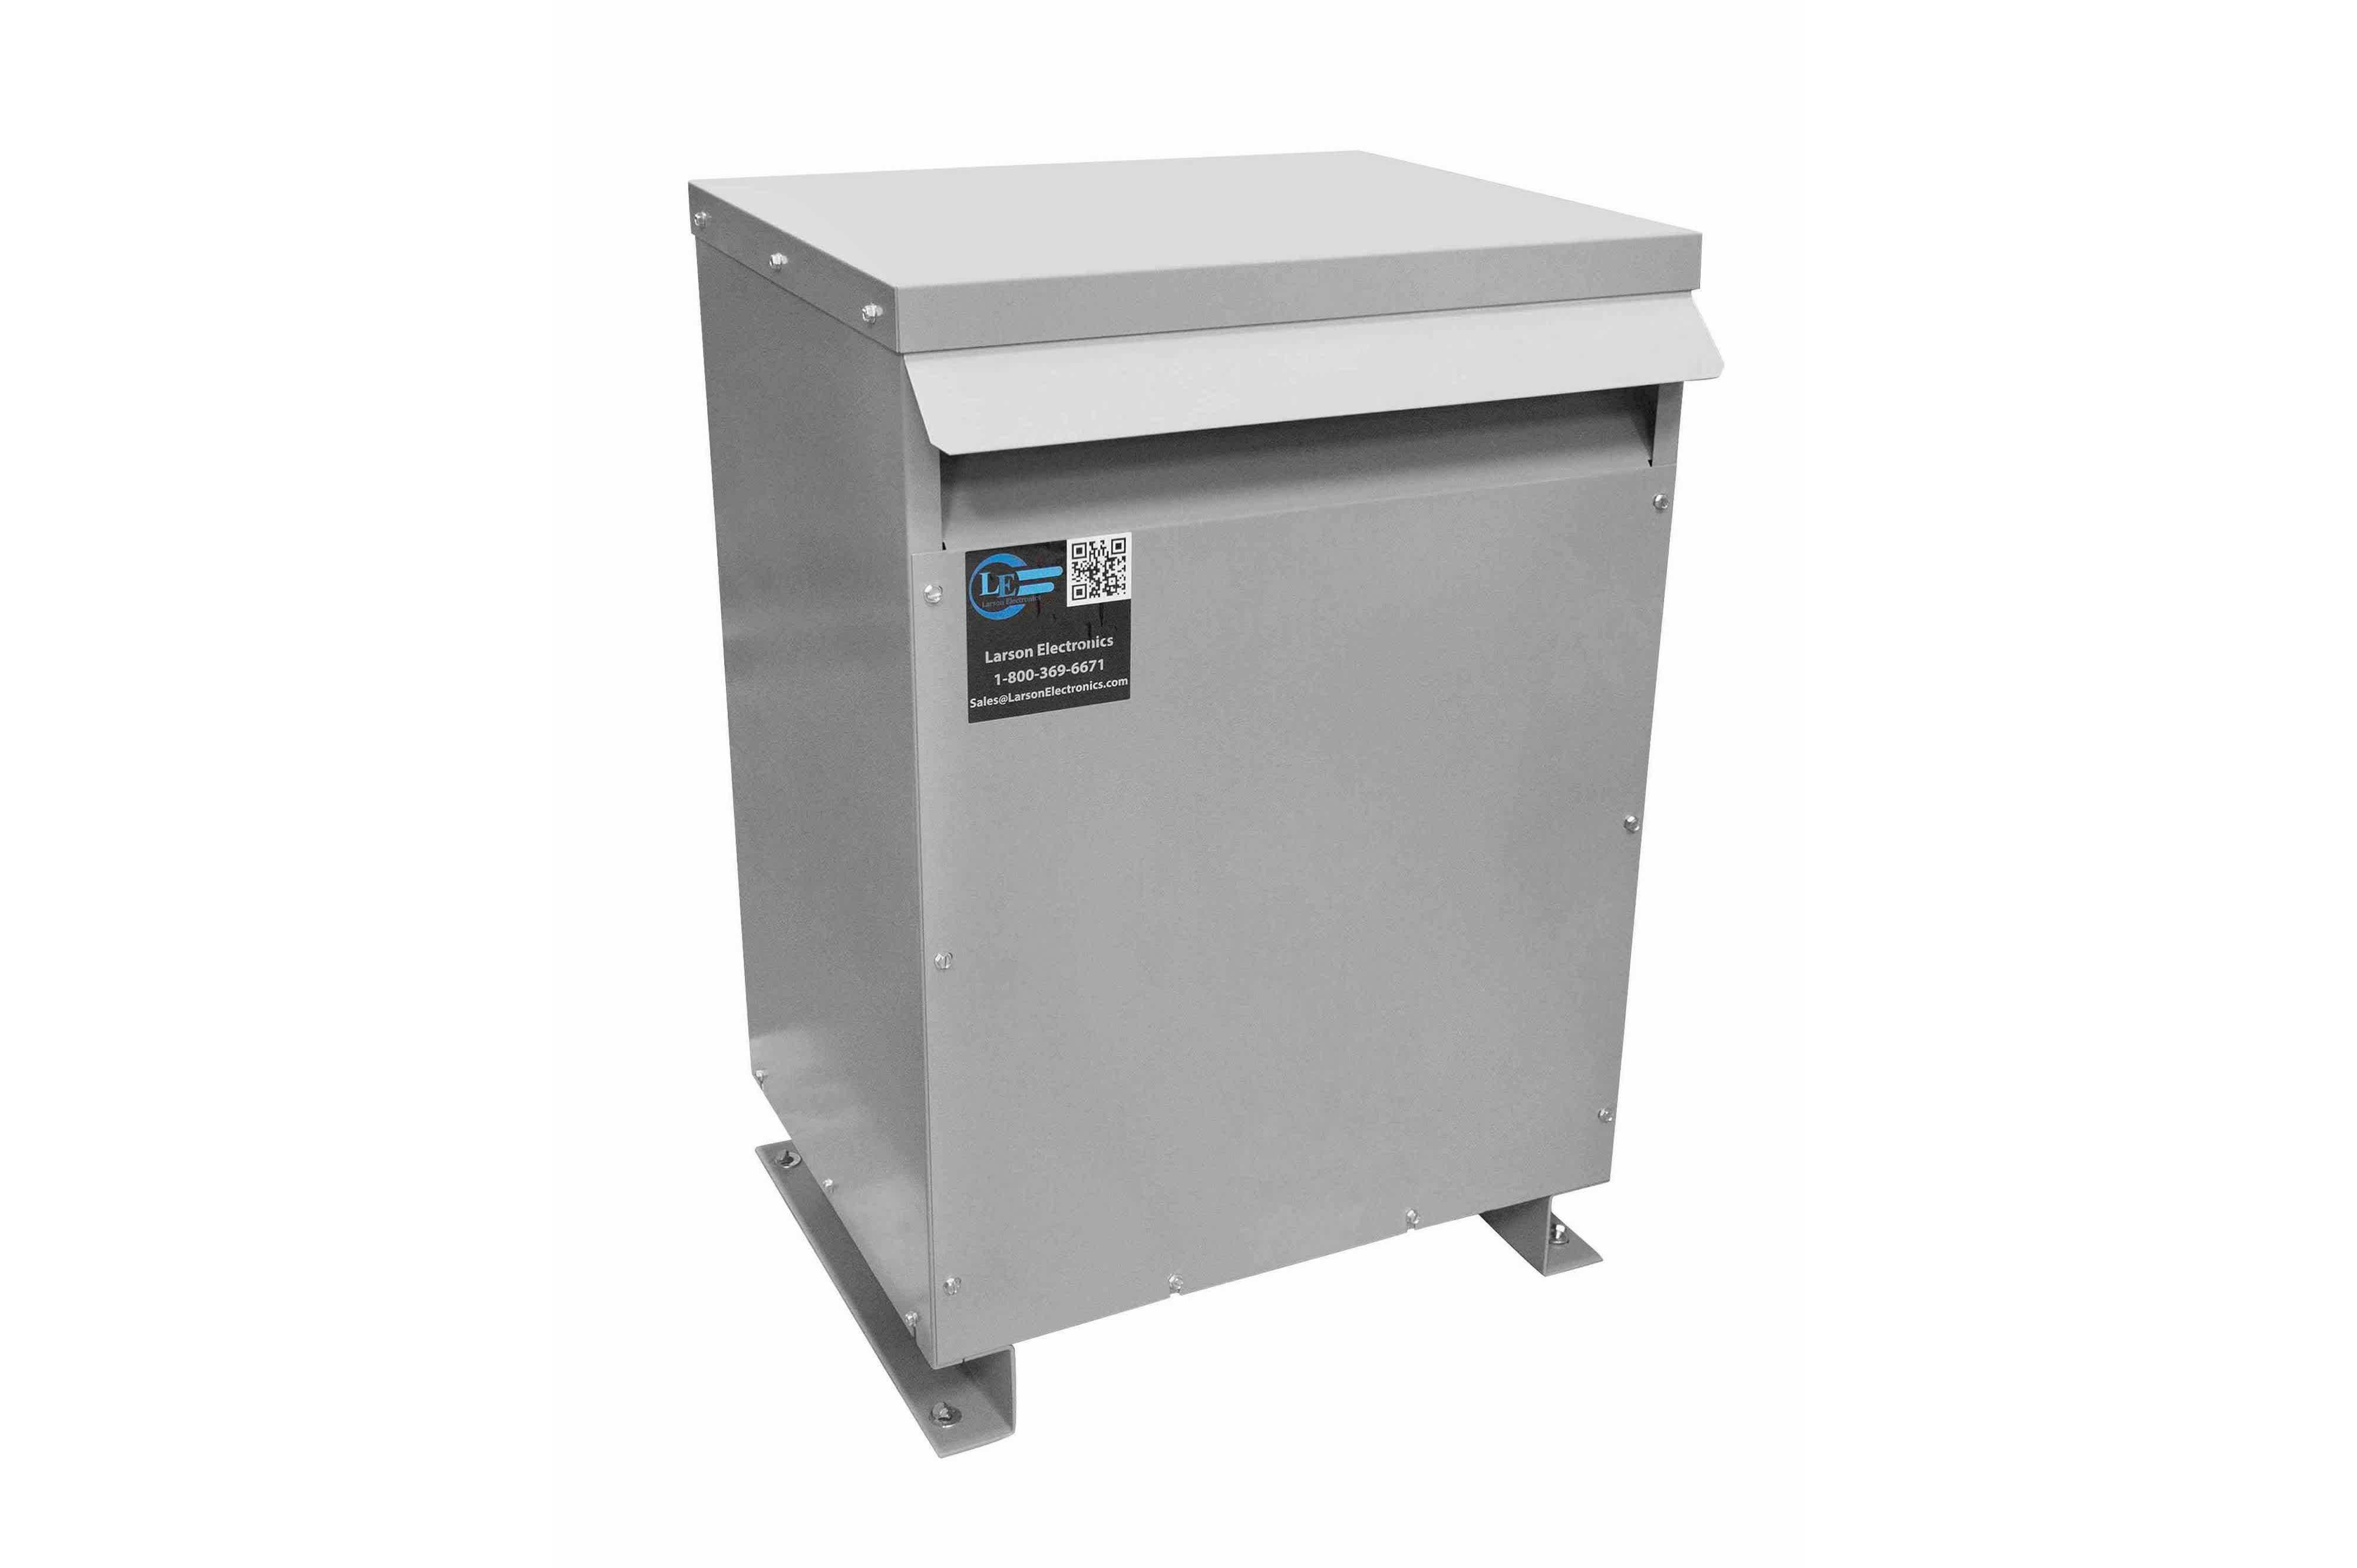 47.5 kVA 3PH Isolation Transformer, 575V Delta Primary, 380V Delta Secondary, N3R, Ventilated, 60 Hz